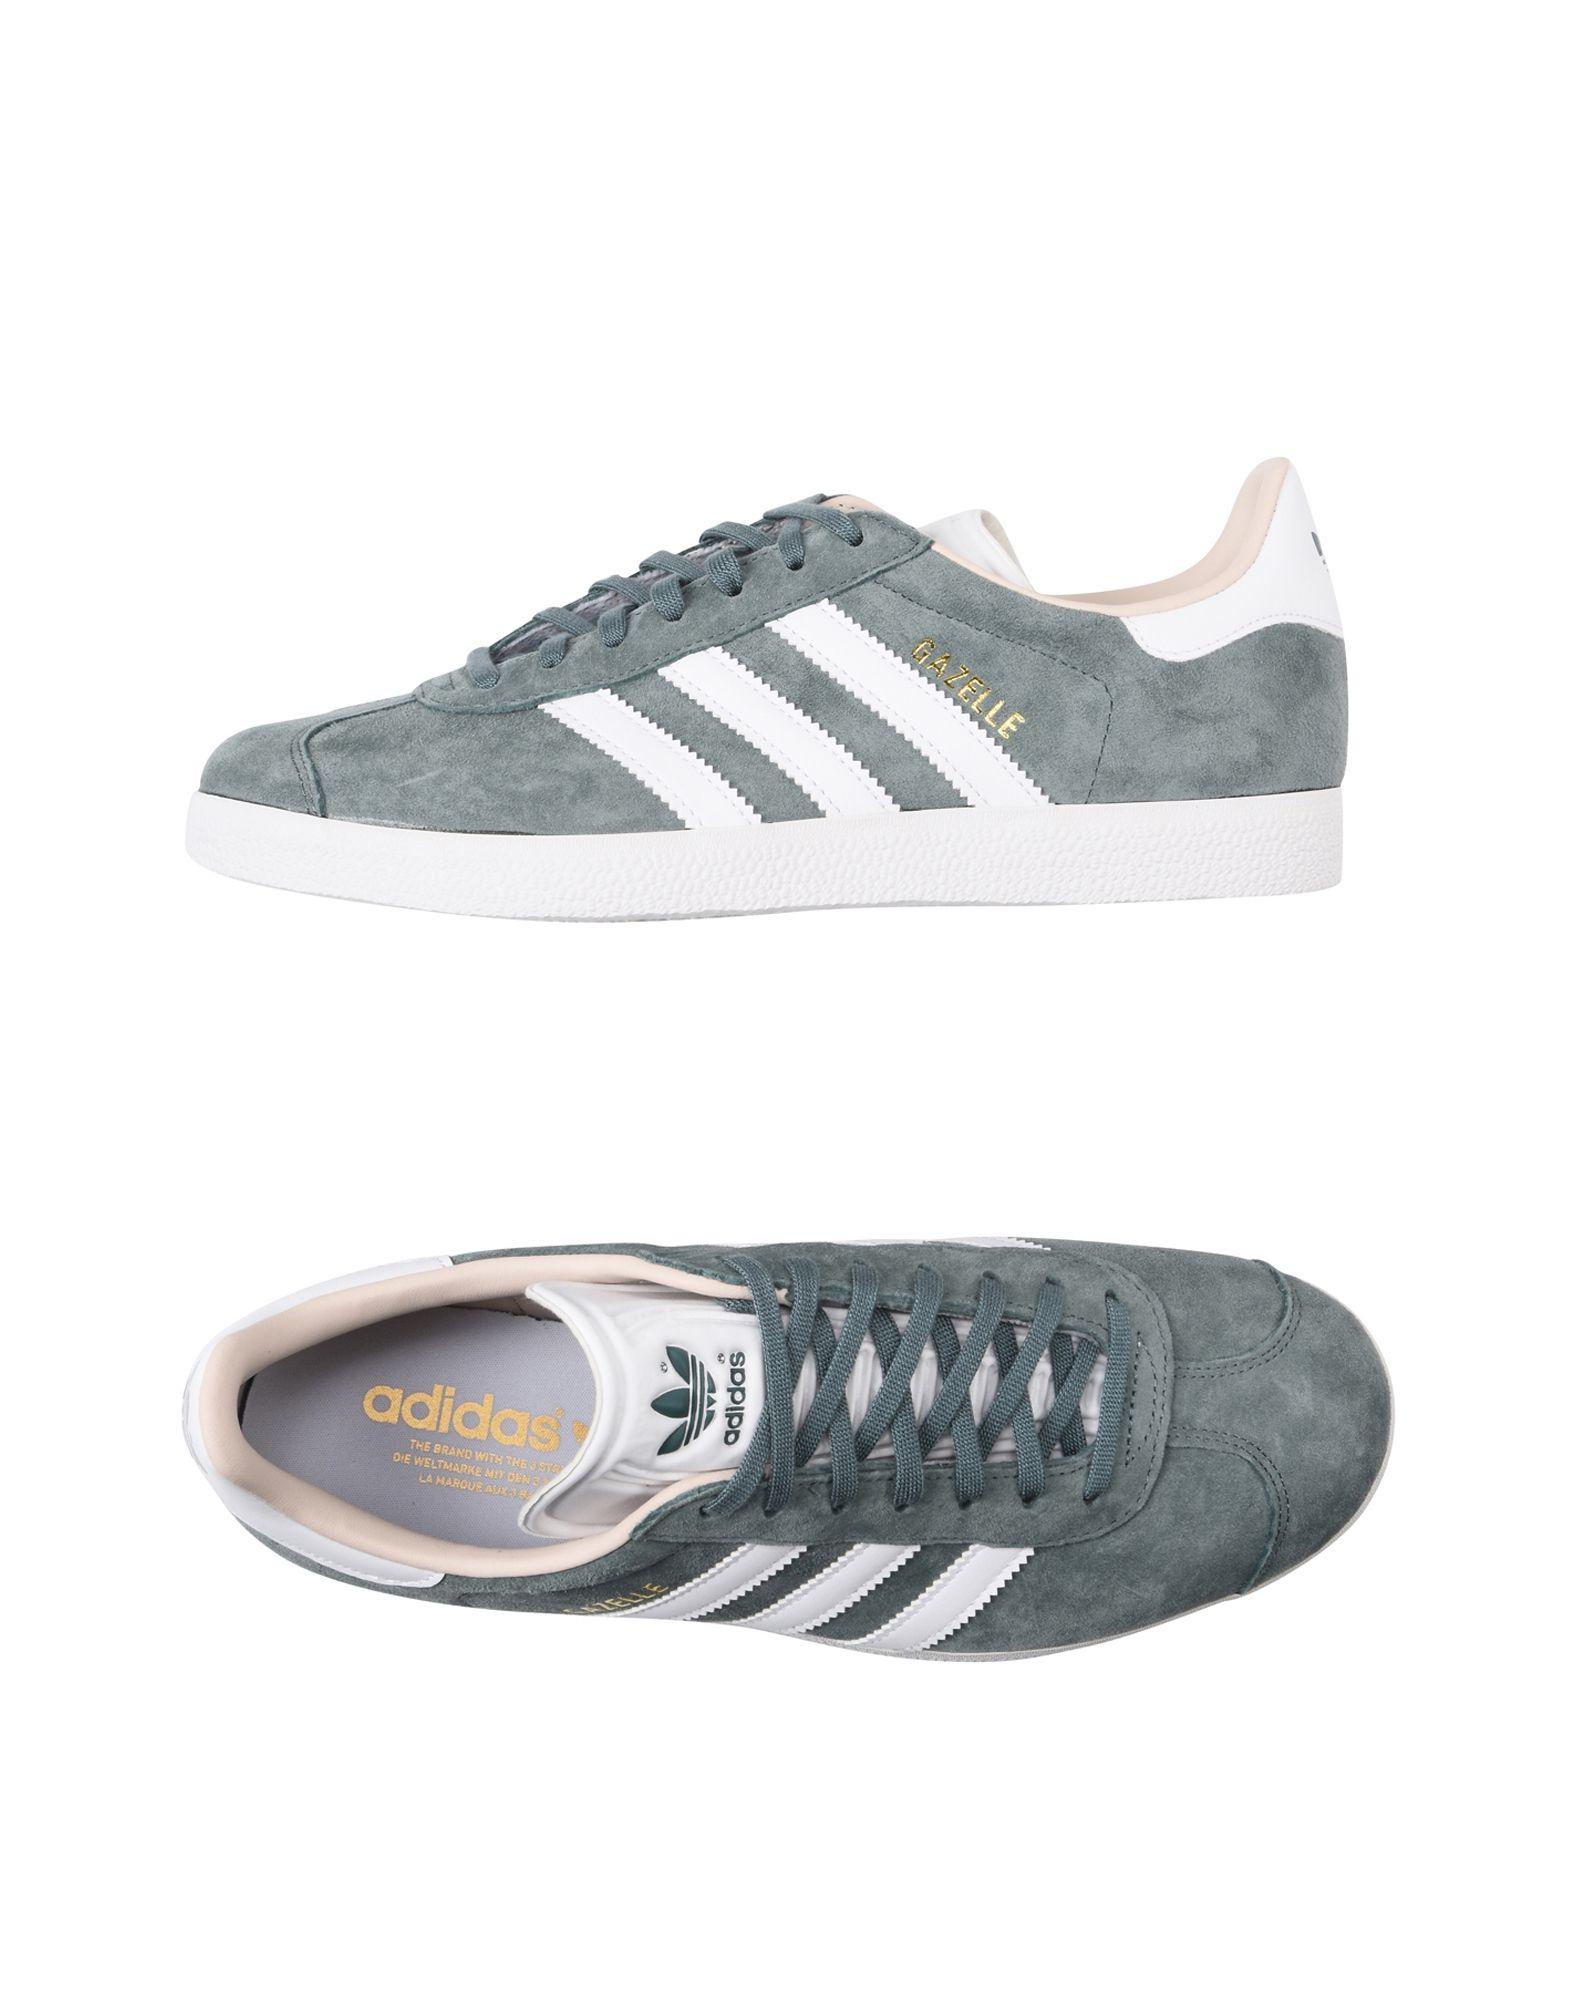 Scarpe da Ginnastica Adidas Originals Gazelle W - Donna - 11533866WA